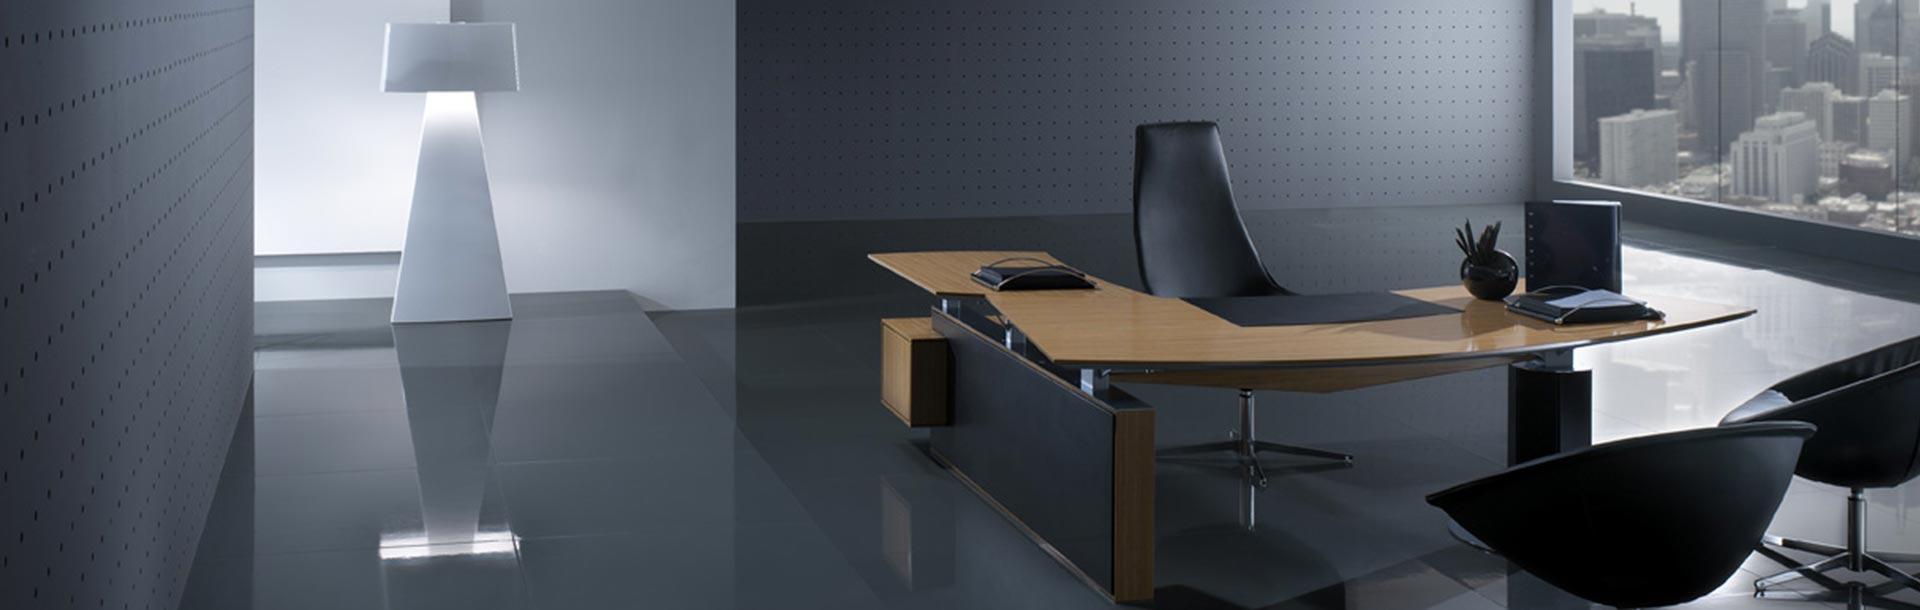 Arredamento e mobili per l 39 ufficio salone del mobile for Mobili per ufficio low cost